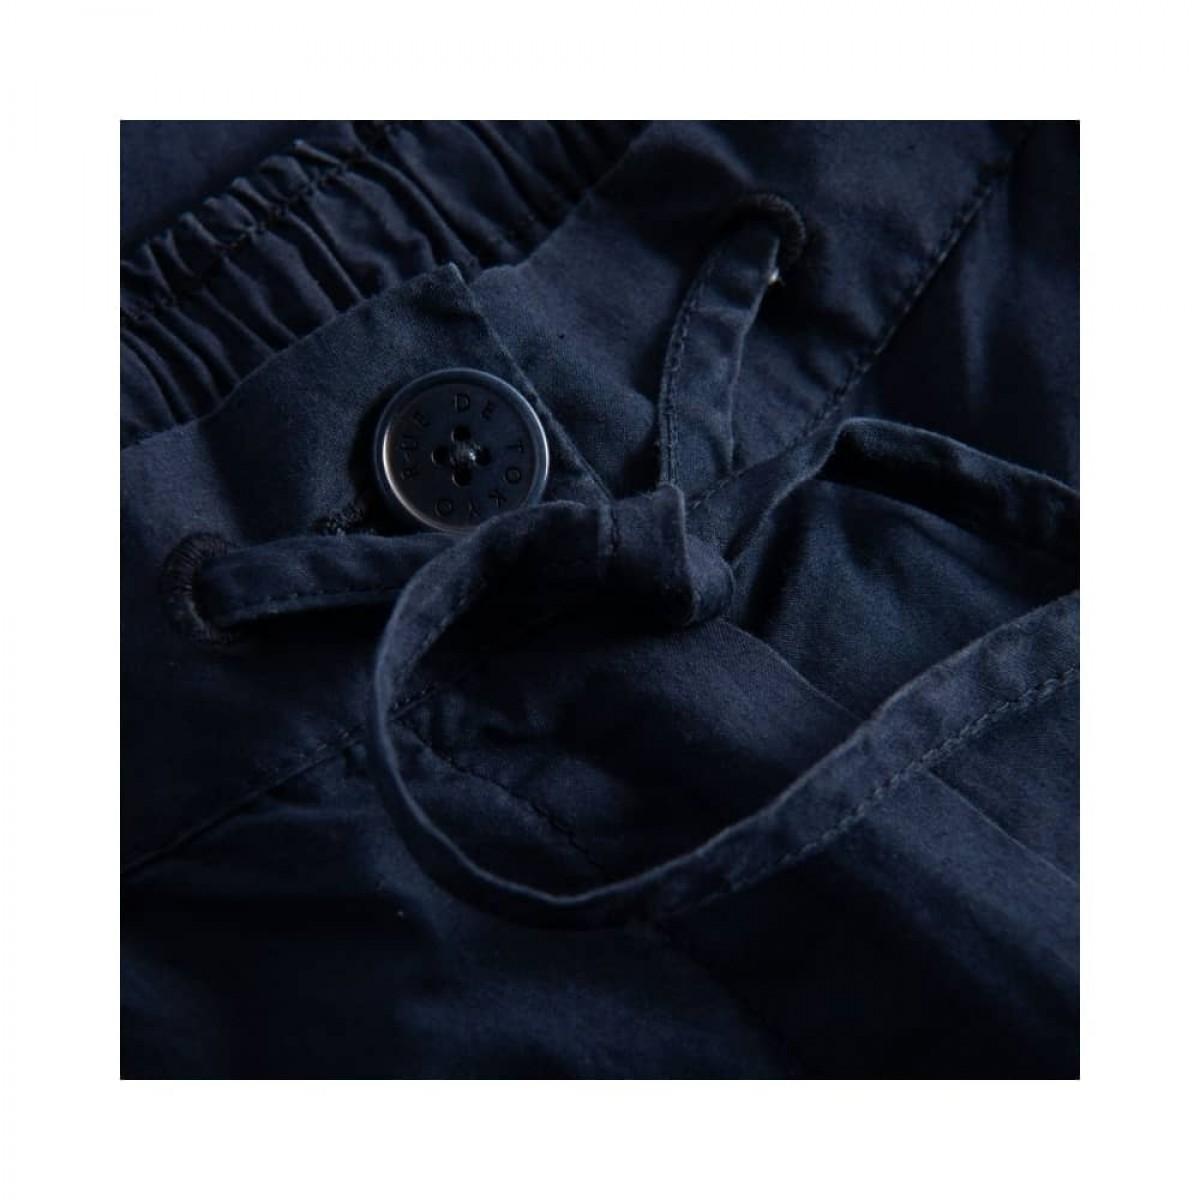 peony shorts - dark navy - talje